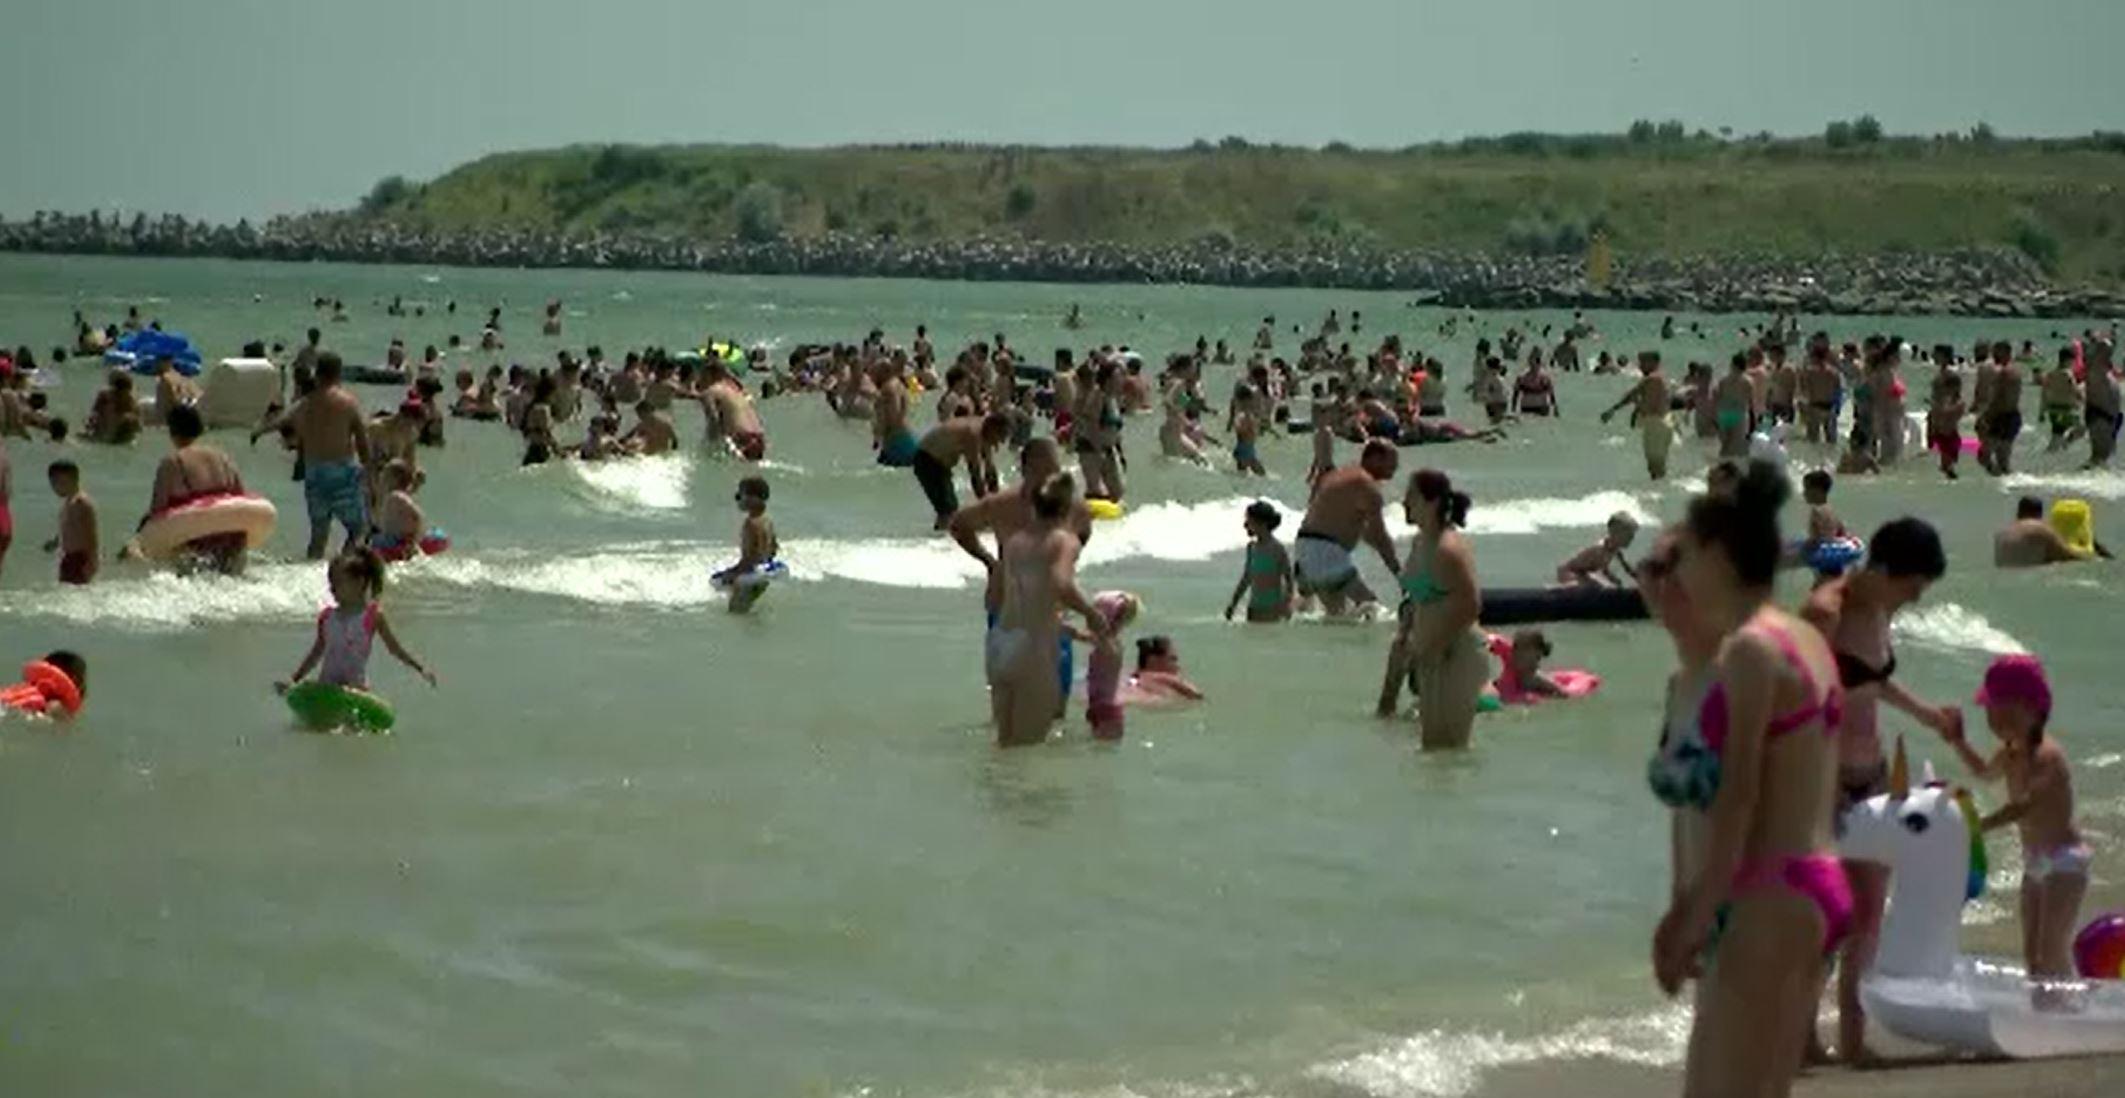 Litoralul românesc, asaltat de turiști. Cât trebuie să scoată românii din buzunar pentru un weekend la mare